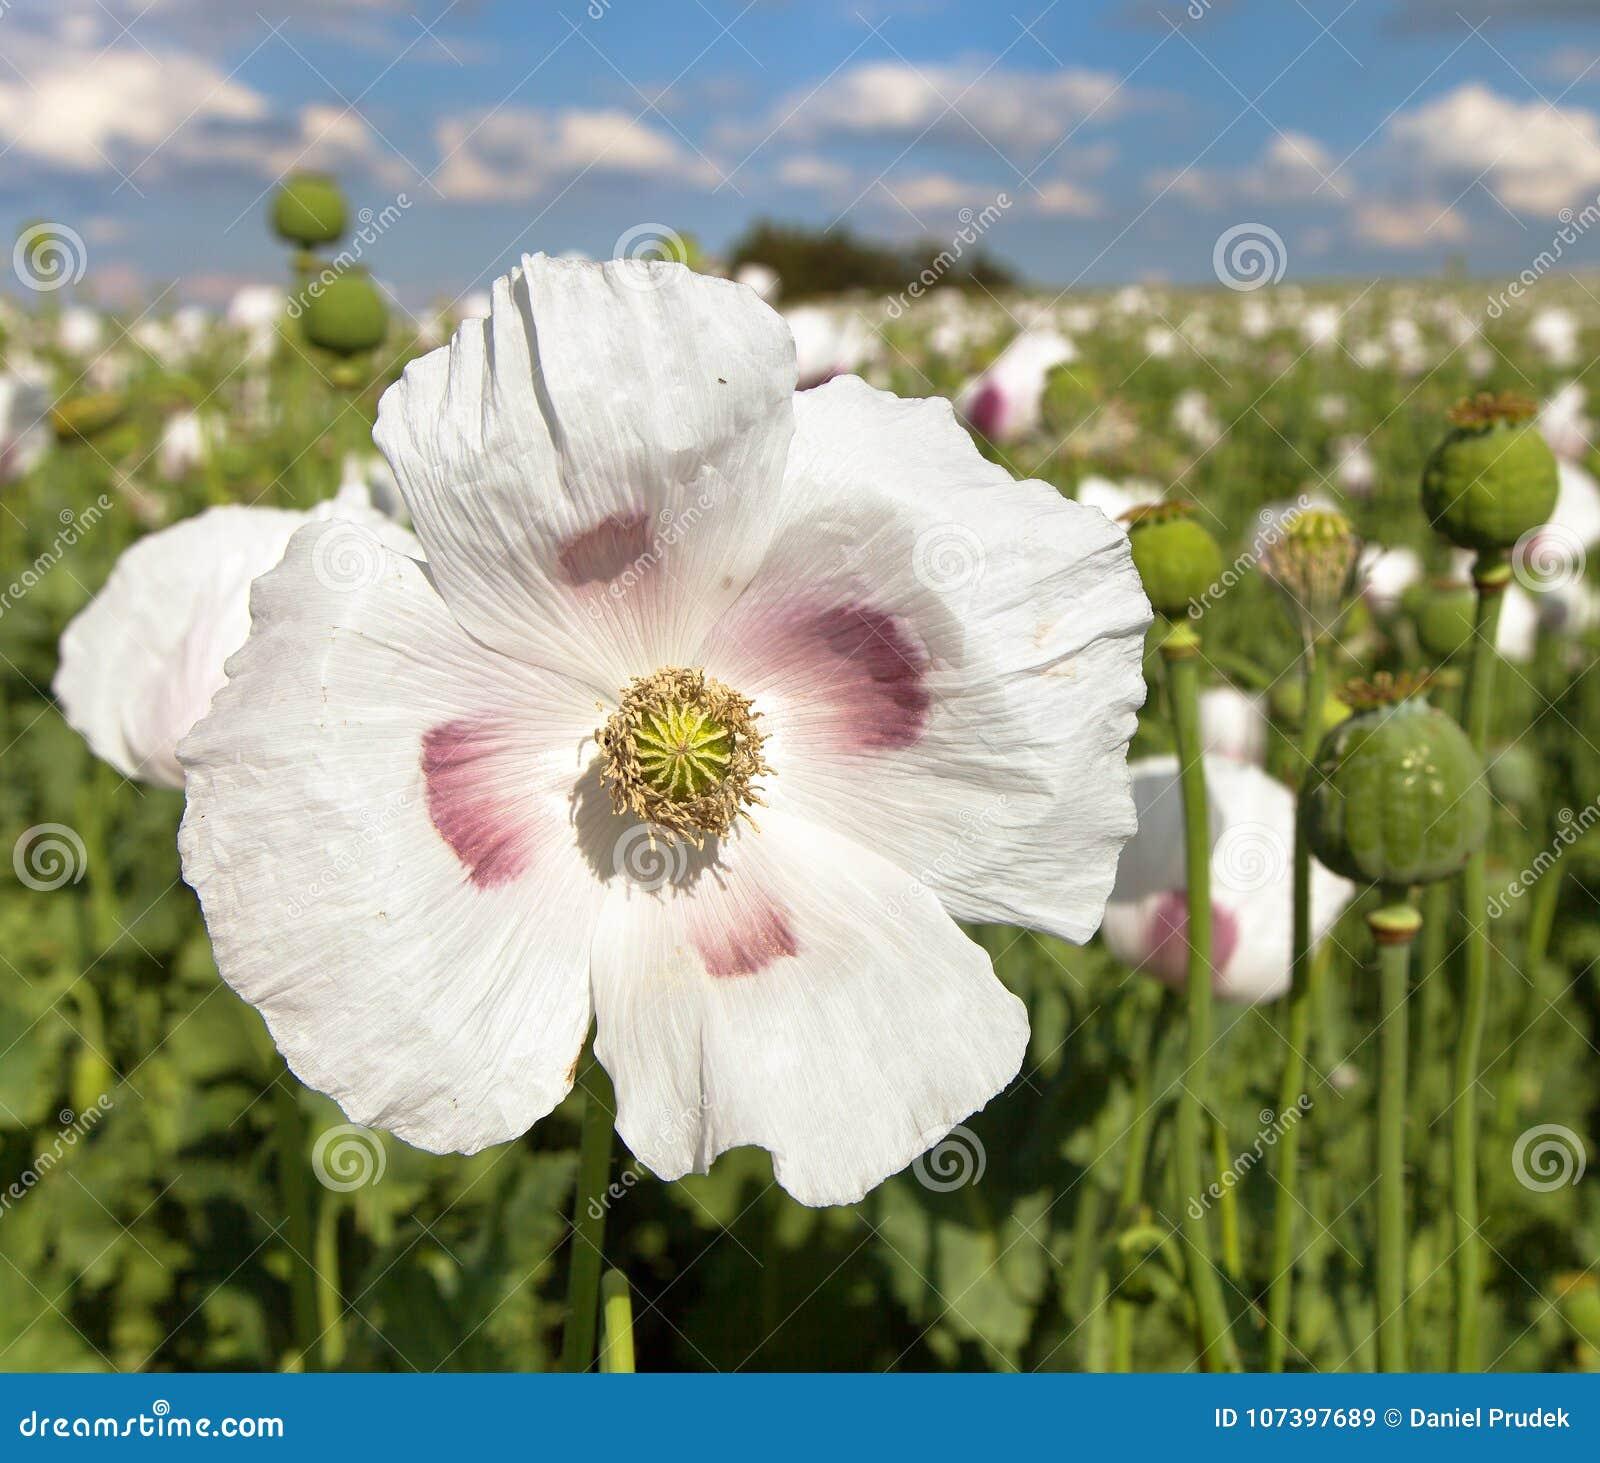 Detail Of Flowering Opium Poppy Poppy Field Stock Image Image Of